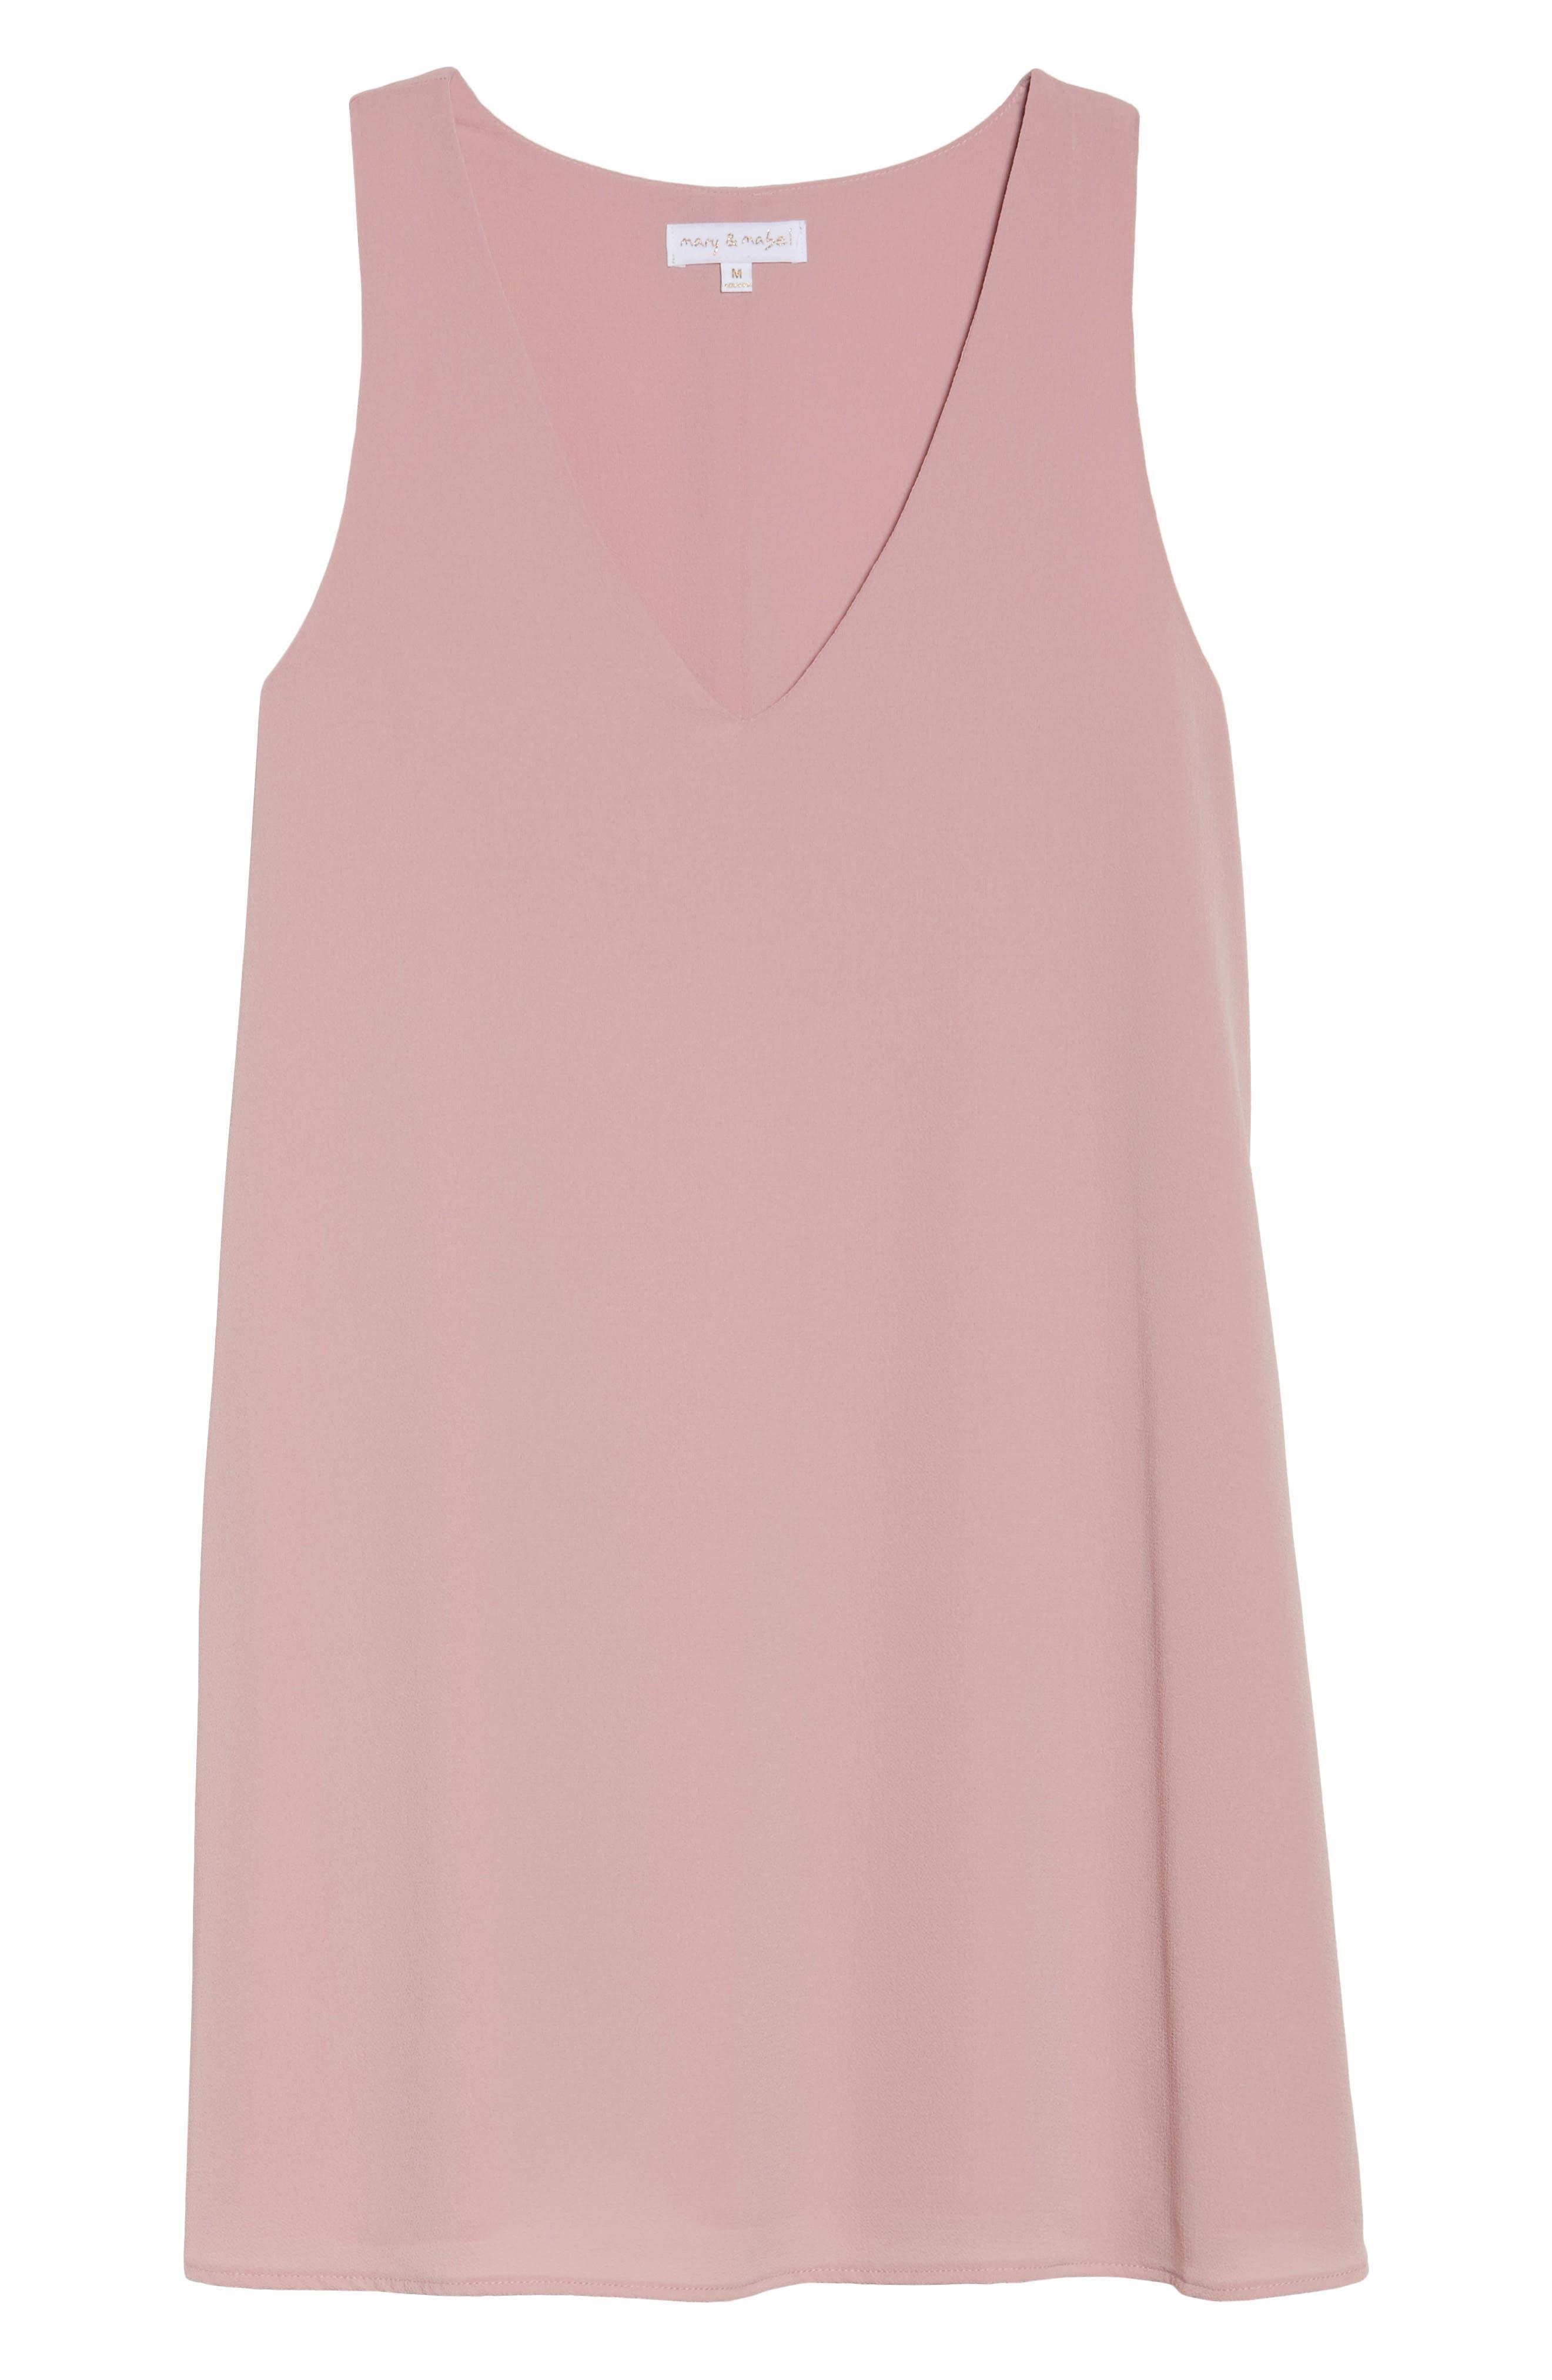 Shift Dress,                             Alternate thumbnail 6, color,                             Blush